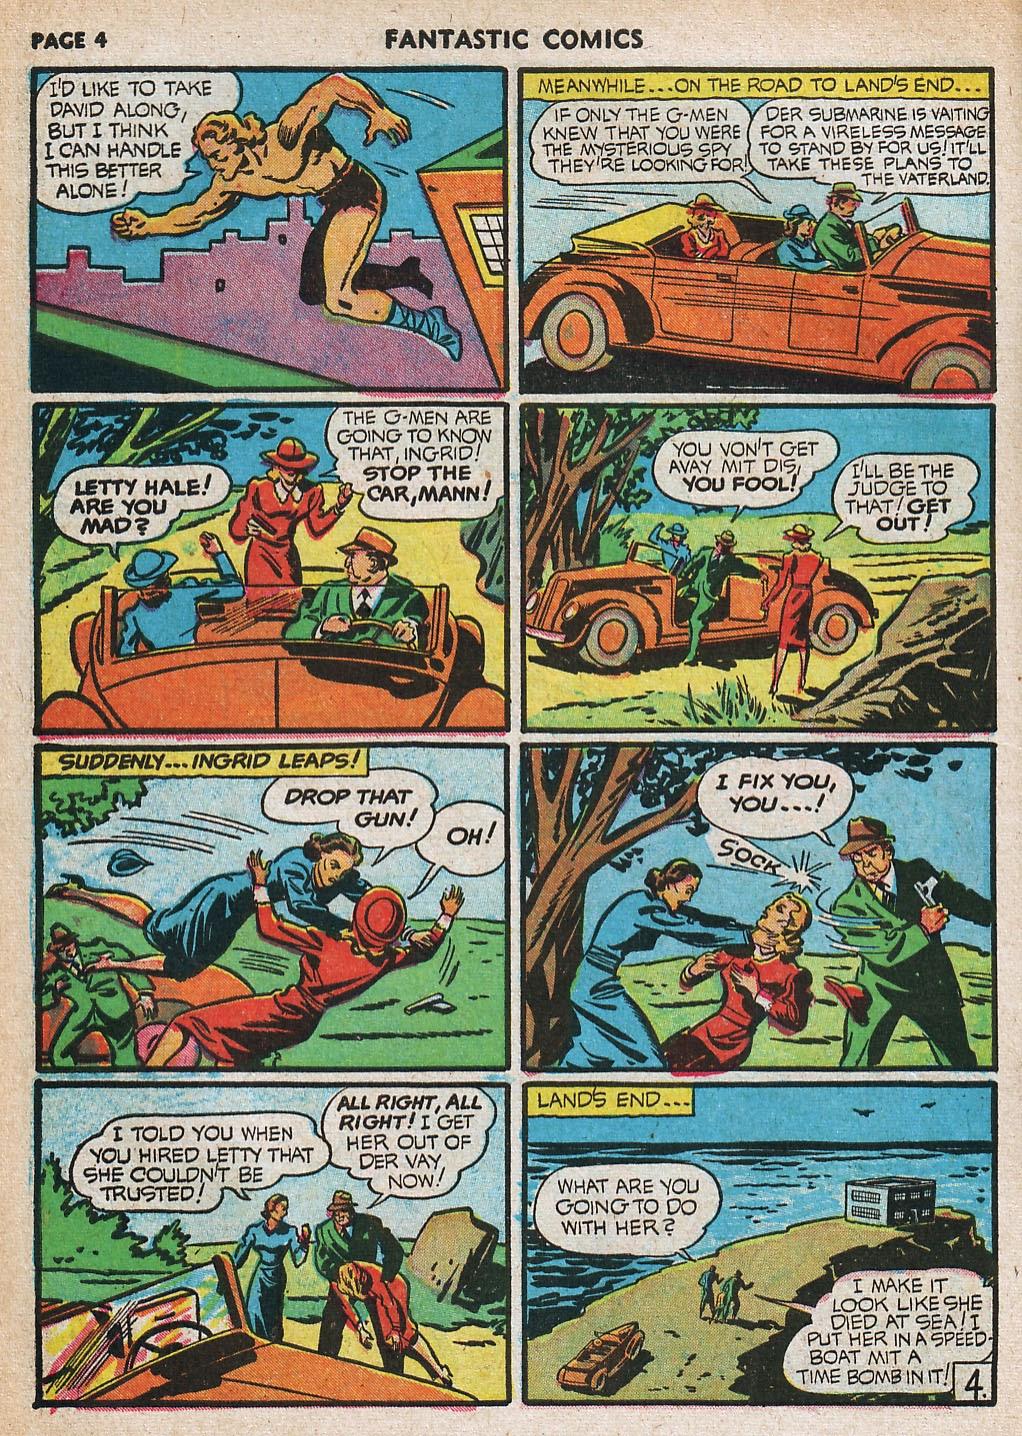 Read online Fantastic Comics comic -  Issue #20 - 5